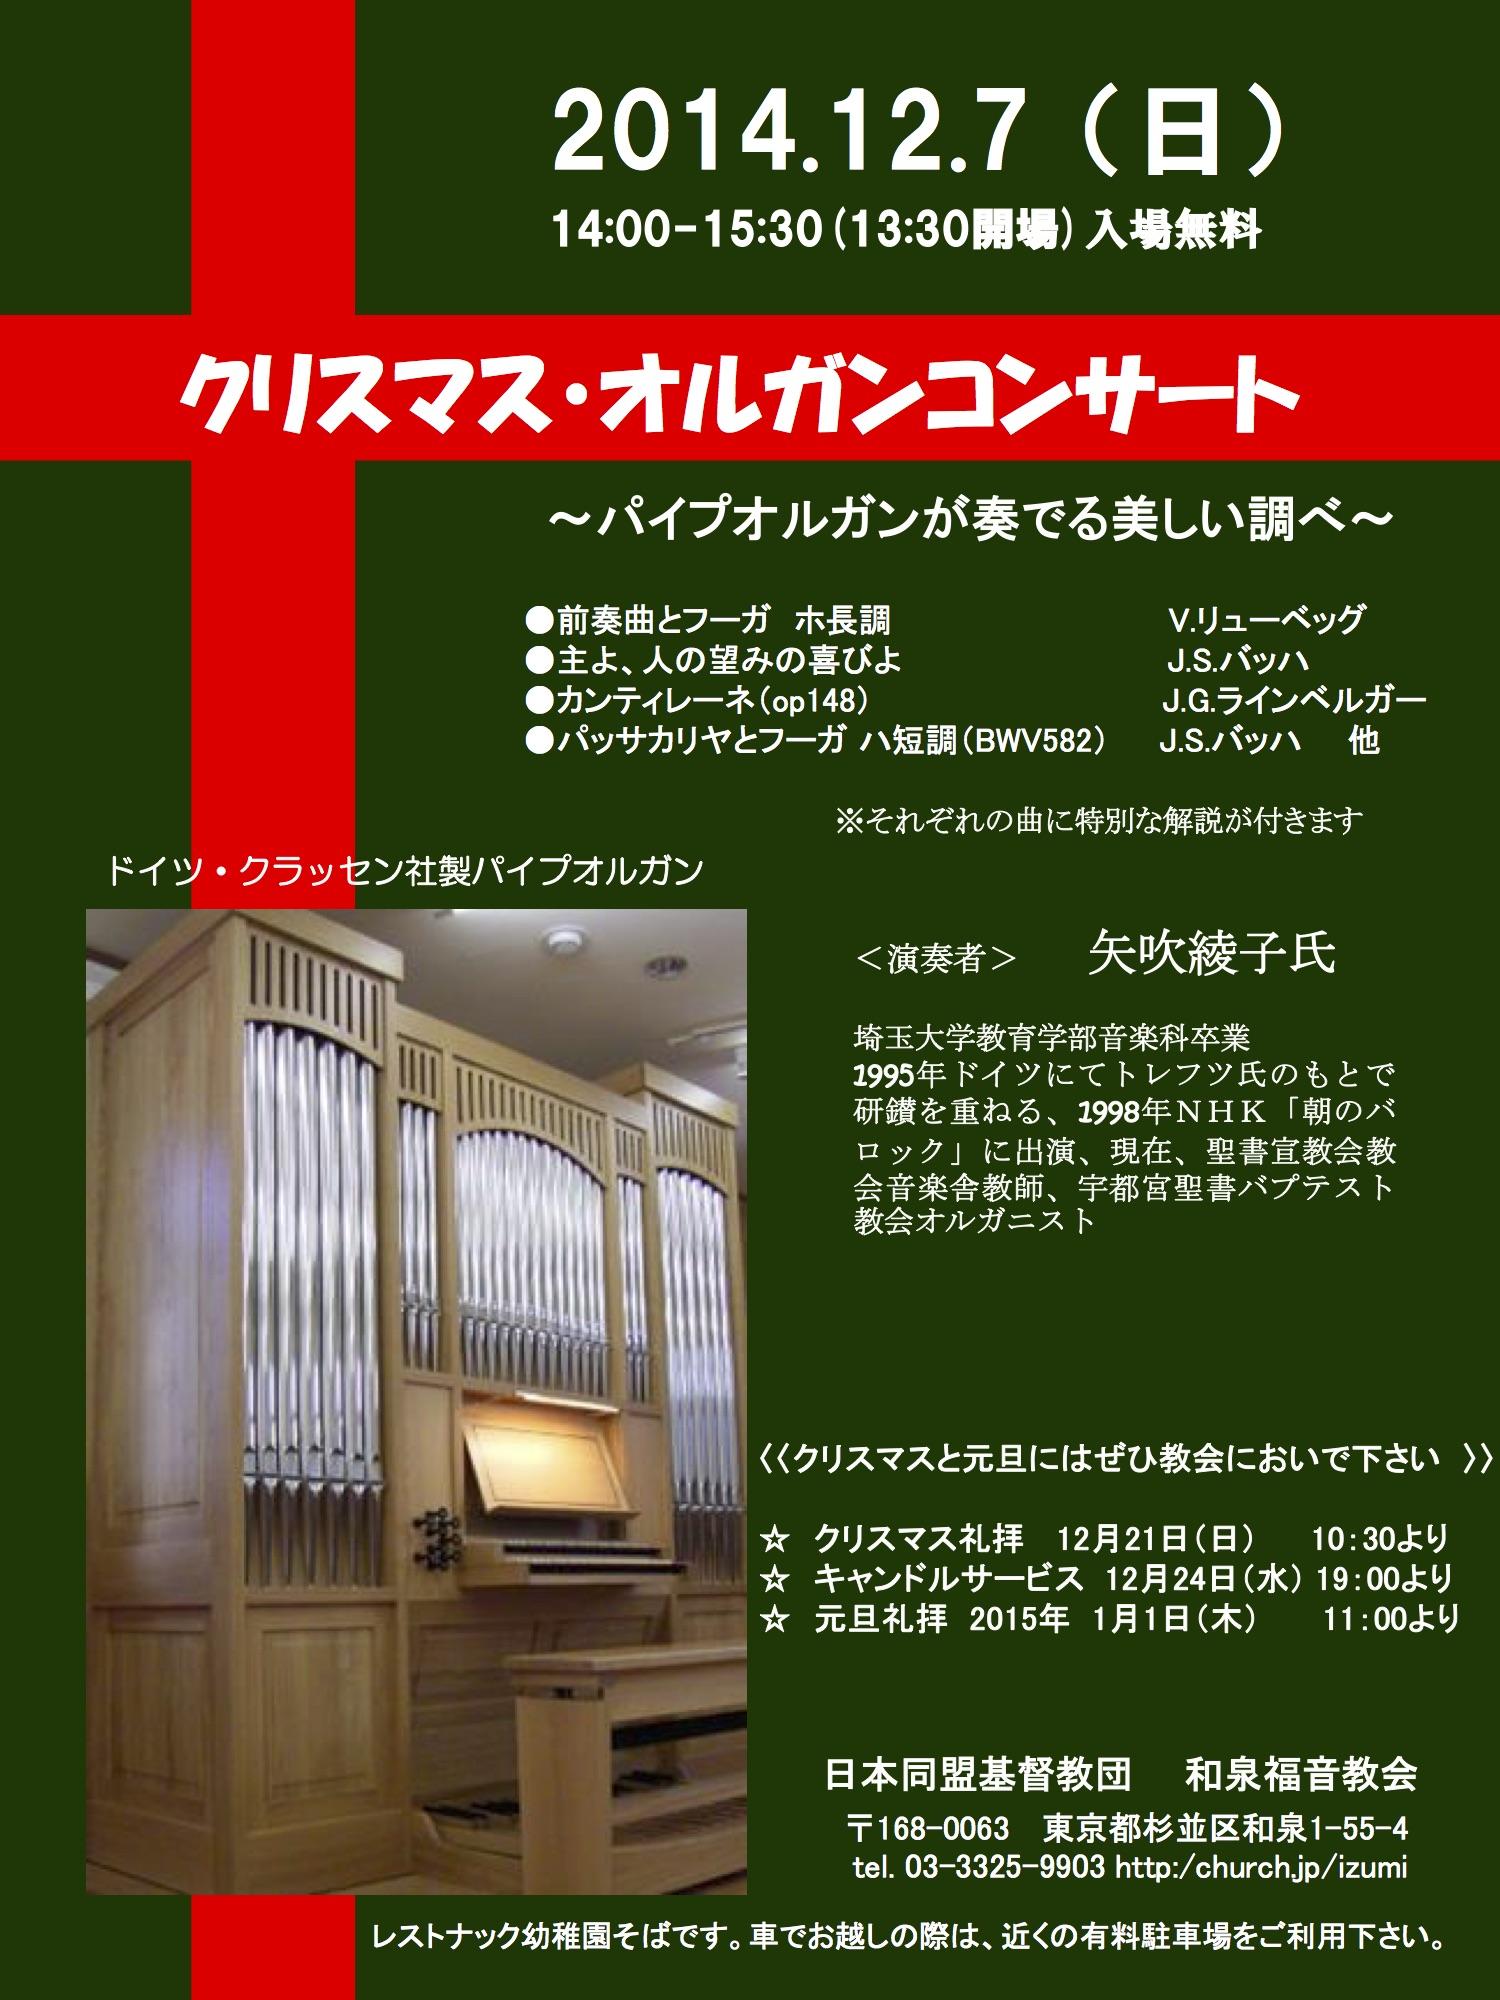 b2014年  クリスマス・コンサート  修正最終ちらしポスター.jpg